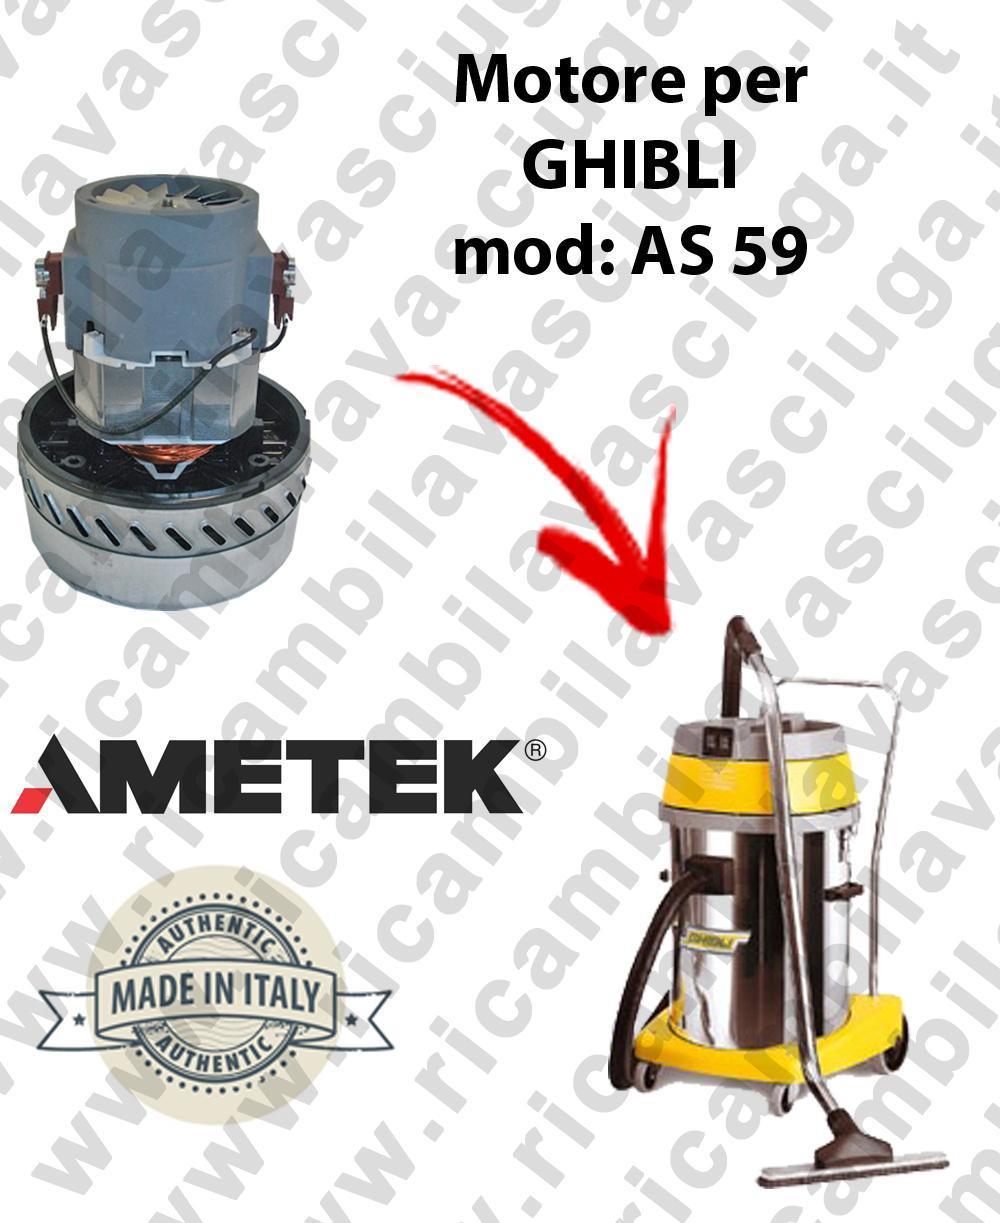 AS59  Motore de aspiración AMETEK para aspiradora y aspiradora húmeda GHIBLI